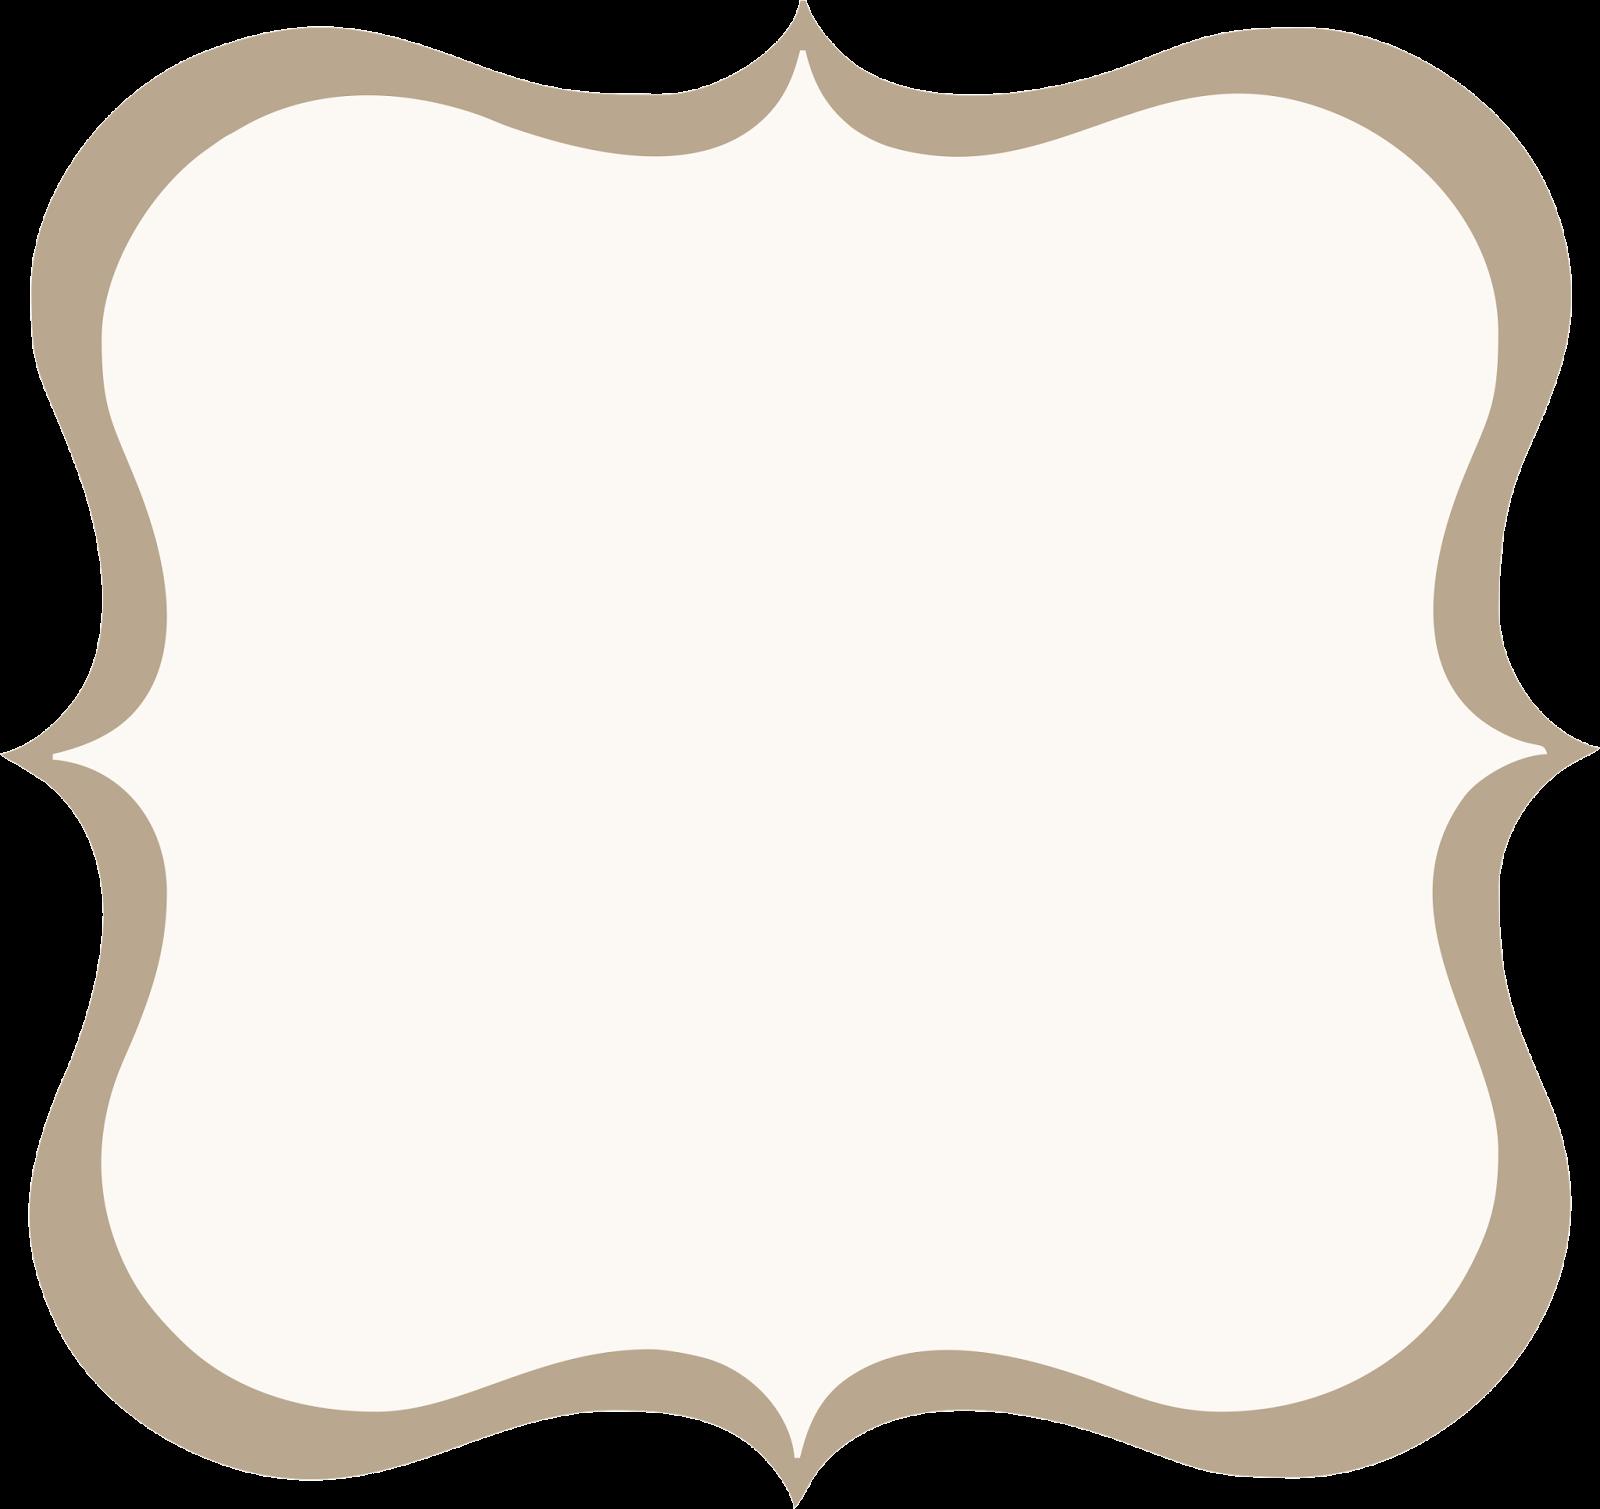 Frames em Png grátis para baixar - Cantinho do blog